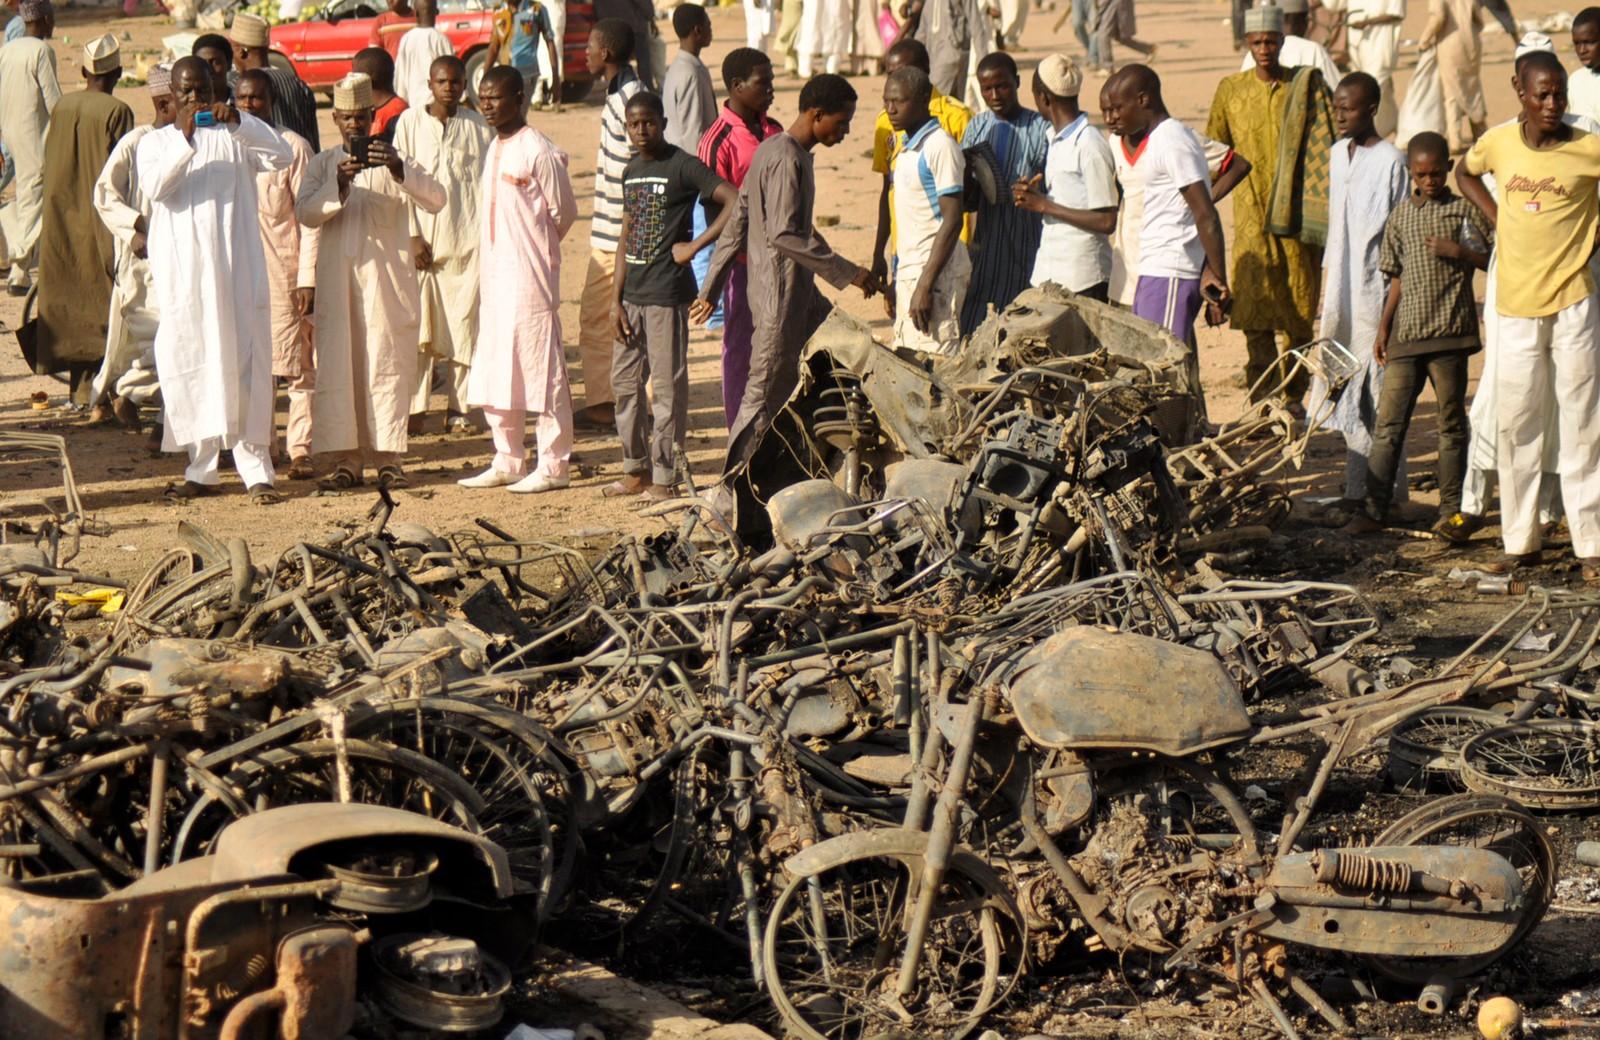 Det var store øydeleggingar på både menneske og utstyr etter bombeangrepa.